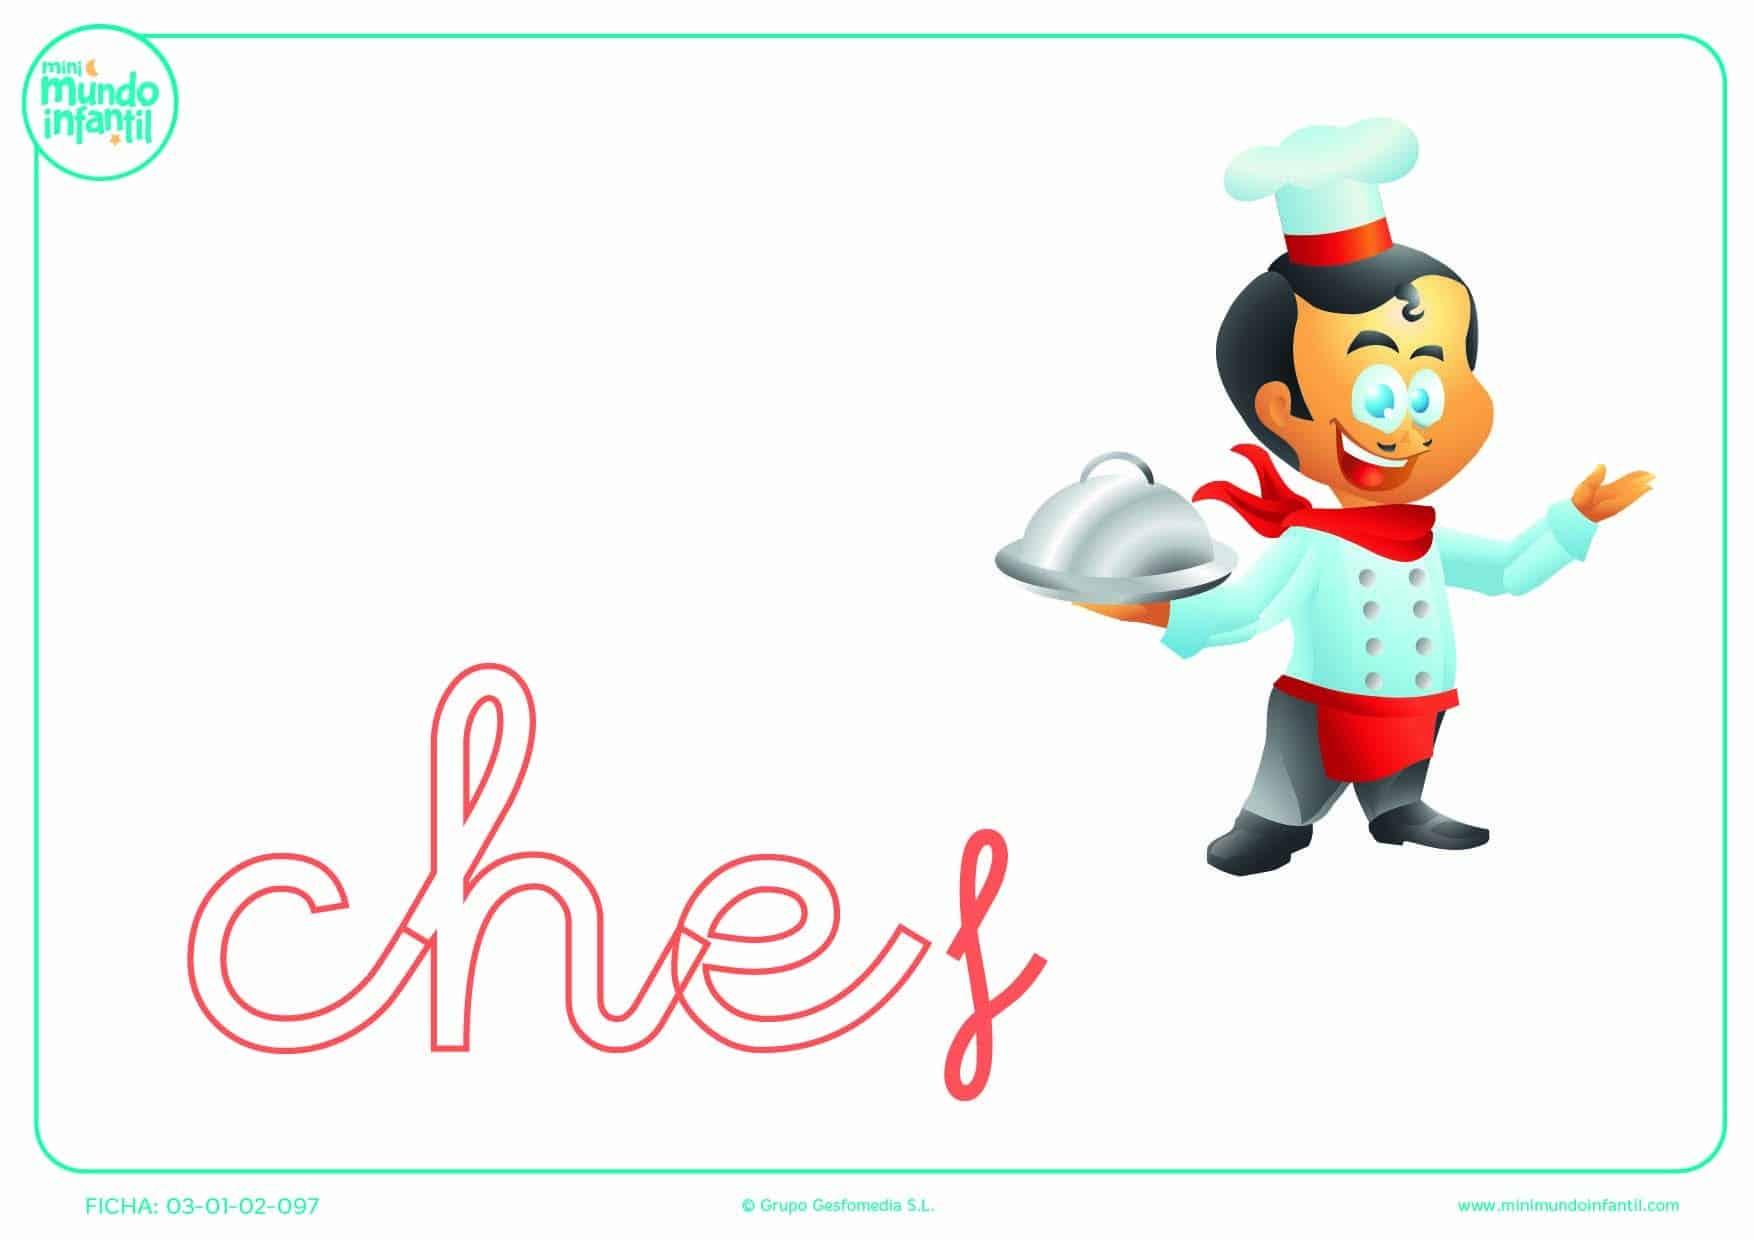 Rellenar la sílaba CHE minúscula de chef